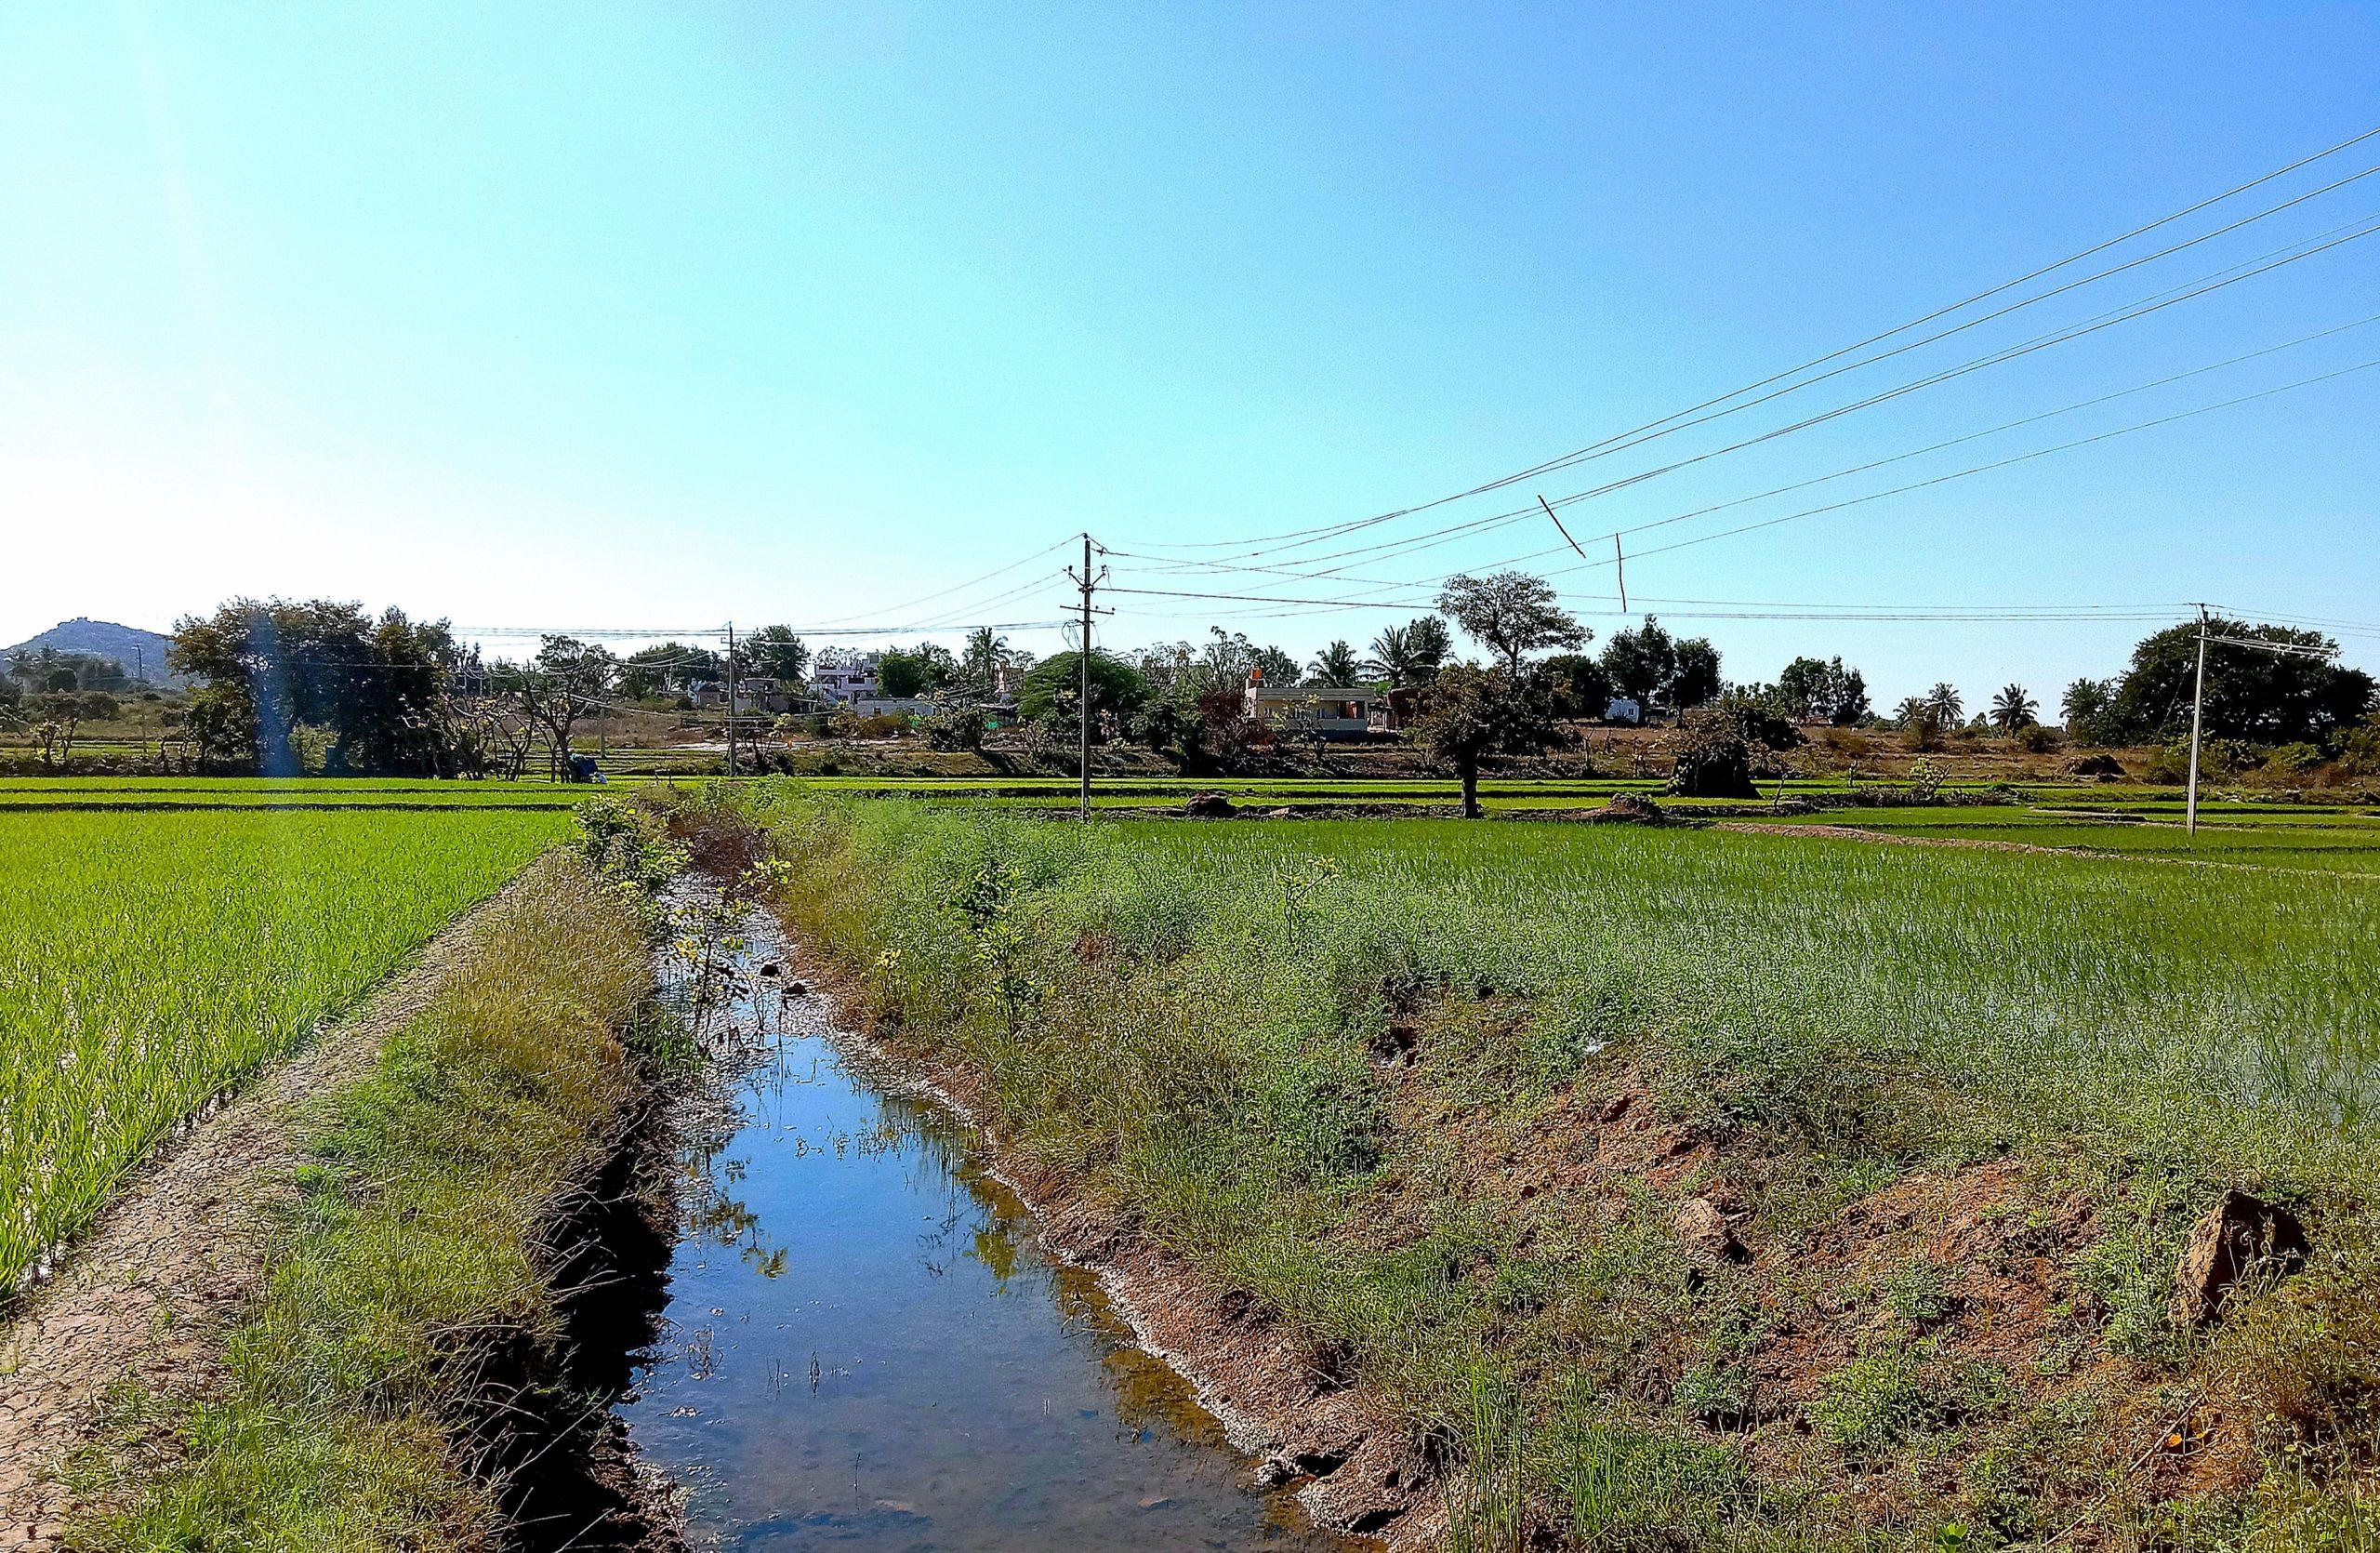 A water way in fields